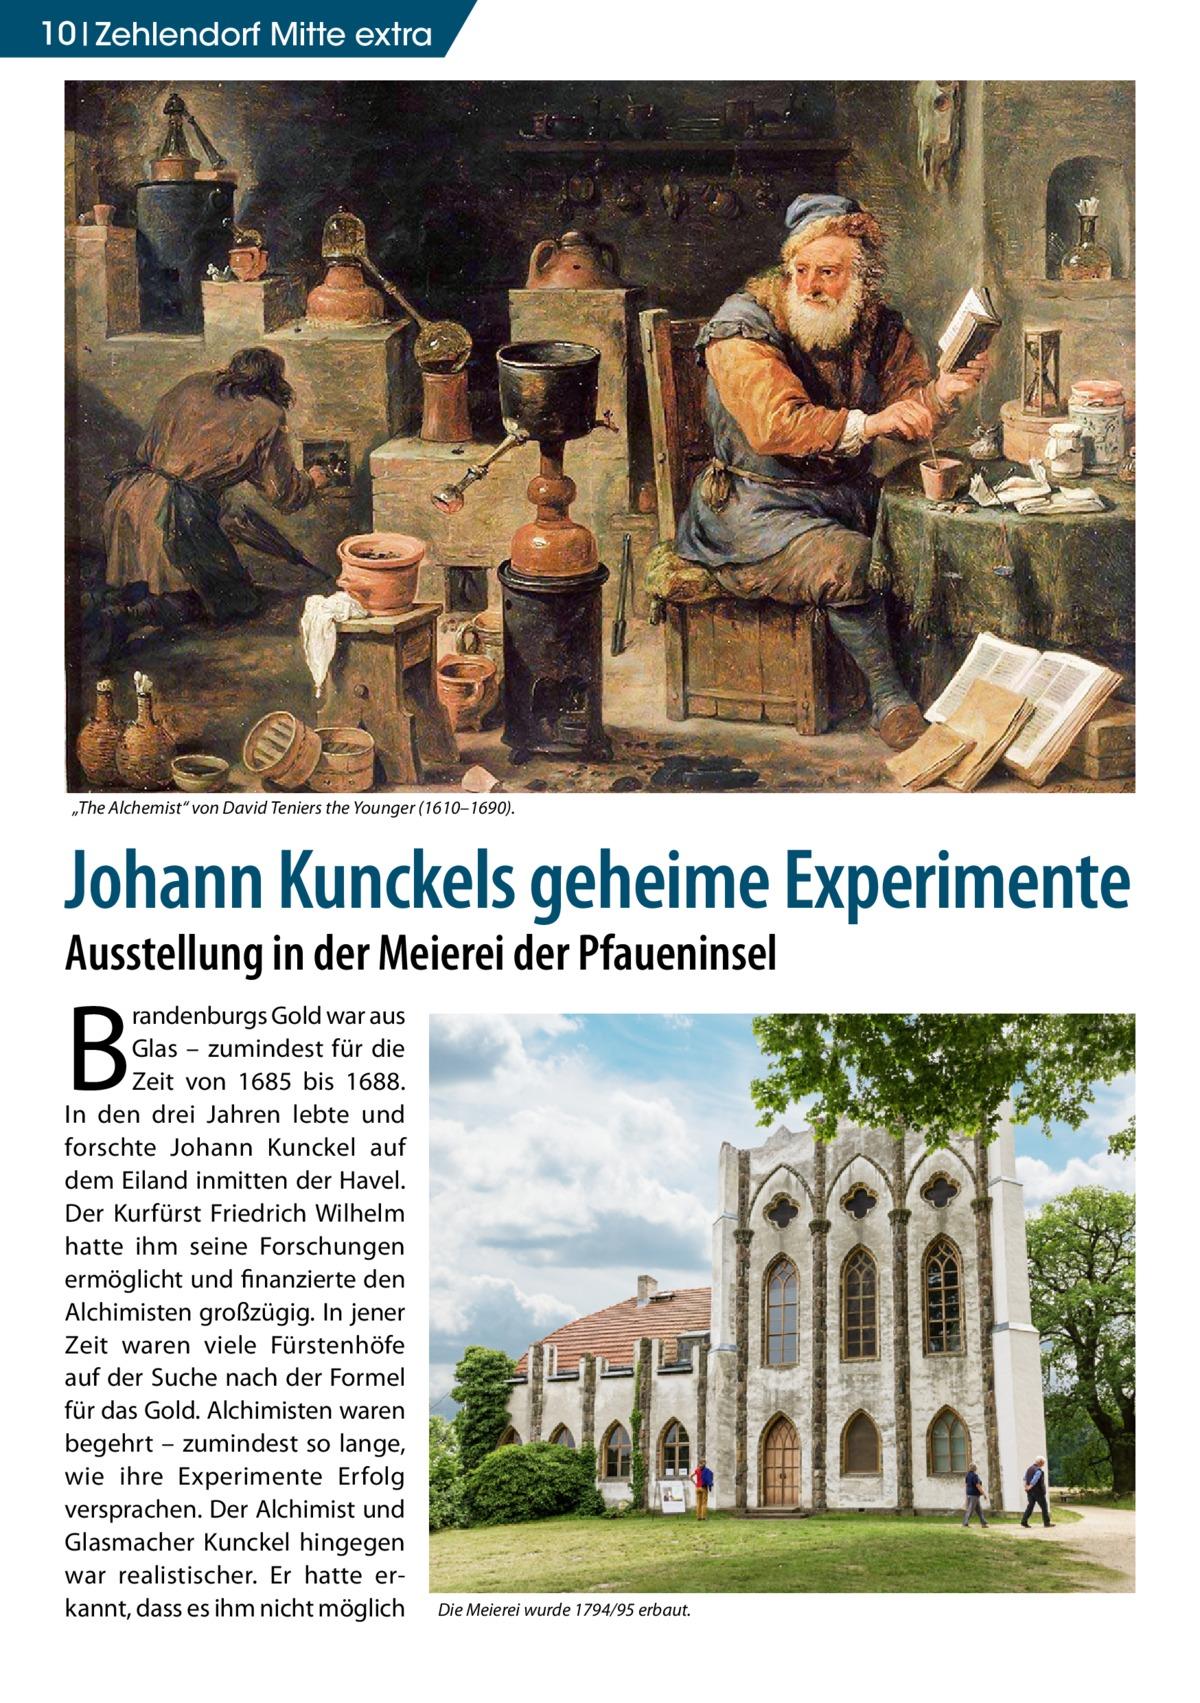 """10 Zehlendorf Mitte extra  """"The Alchemist"""" von David Teniers the Younger (1610–1690).  Johann Kunckels geheime Experimente Ausstellung in der Meierei der Pfaueninsel  B  randenburgs Gold war aus Glas – zumindest für die Zeit von 1685 bis 1688. In den drei Jahren lebte und forschte Johann Kunckel auf dem Eiland inmitten der Havel. Der Kurfürst Friedrich Wilhelm hatte ihm seine Forschungen ermöglicht und finanzierte den Alchimisten großzügig. In jener Zeit waren viele Fürstenhöfe auf der Suche nach der Formel für das Gold. Alchimisten waren begehrt – zumindest so lange, wie ihre Experimente Erfolg versprachen. Der Alchimist und Glasmacher Kunckel hingegen war realistischer. Er hatte erkannt, dass es ihm nicht möglich  Die Meierei wurde 1794/95 erbaut."""